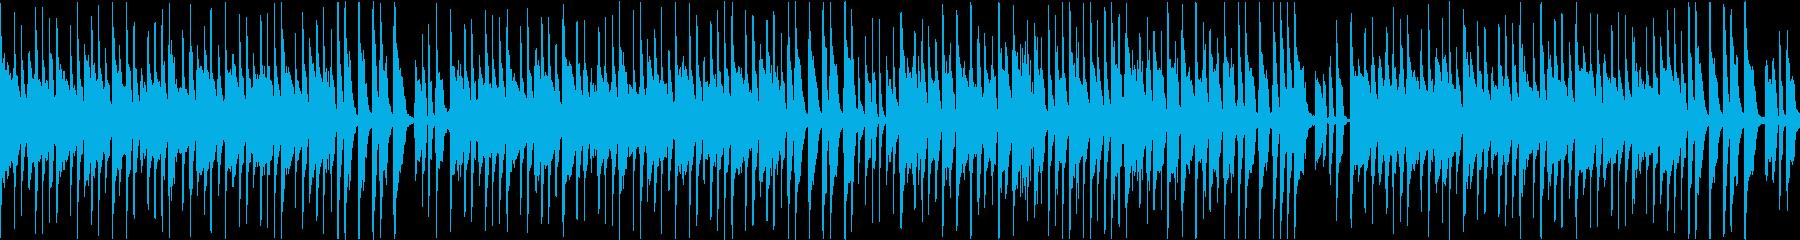 コミカルな料理番組風音楽(ループの再生済みの波形